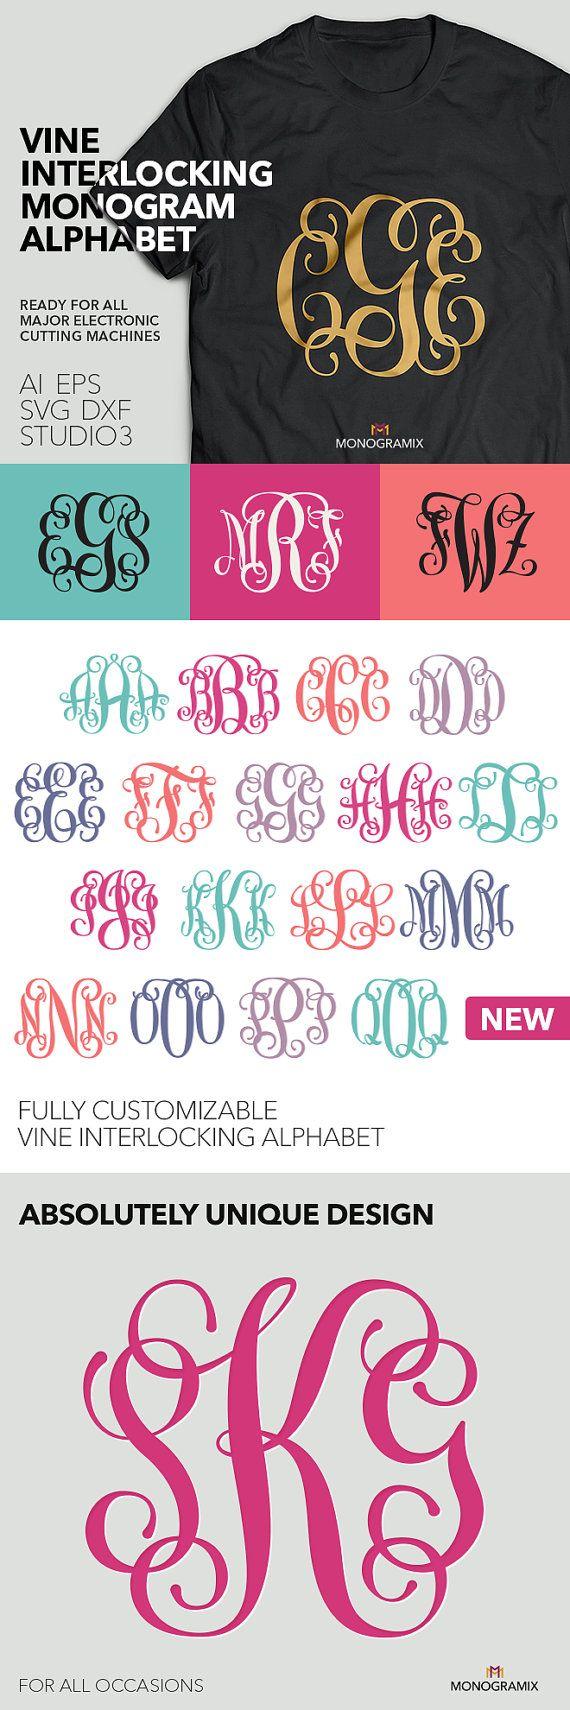 Svg Monogram Font Twisted Bine Svg Dxf Studio3 Eps